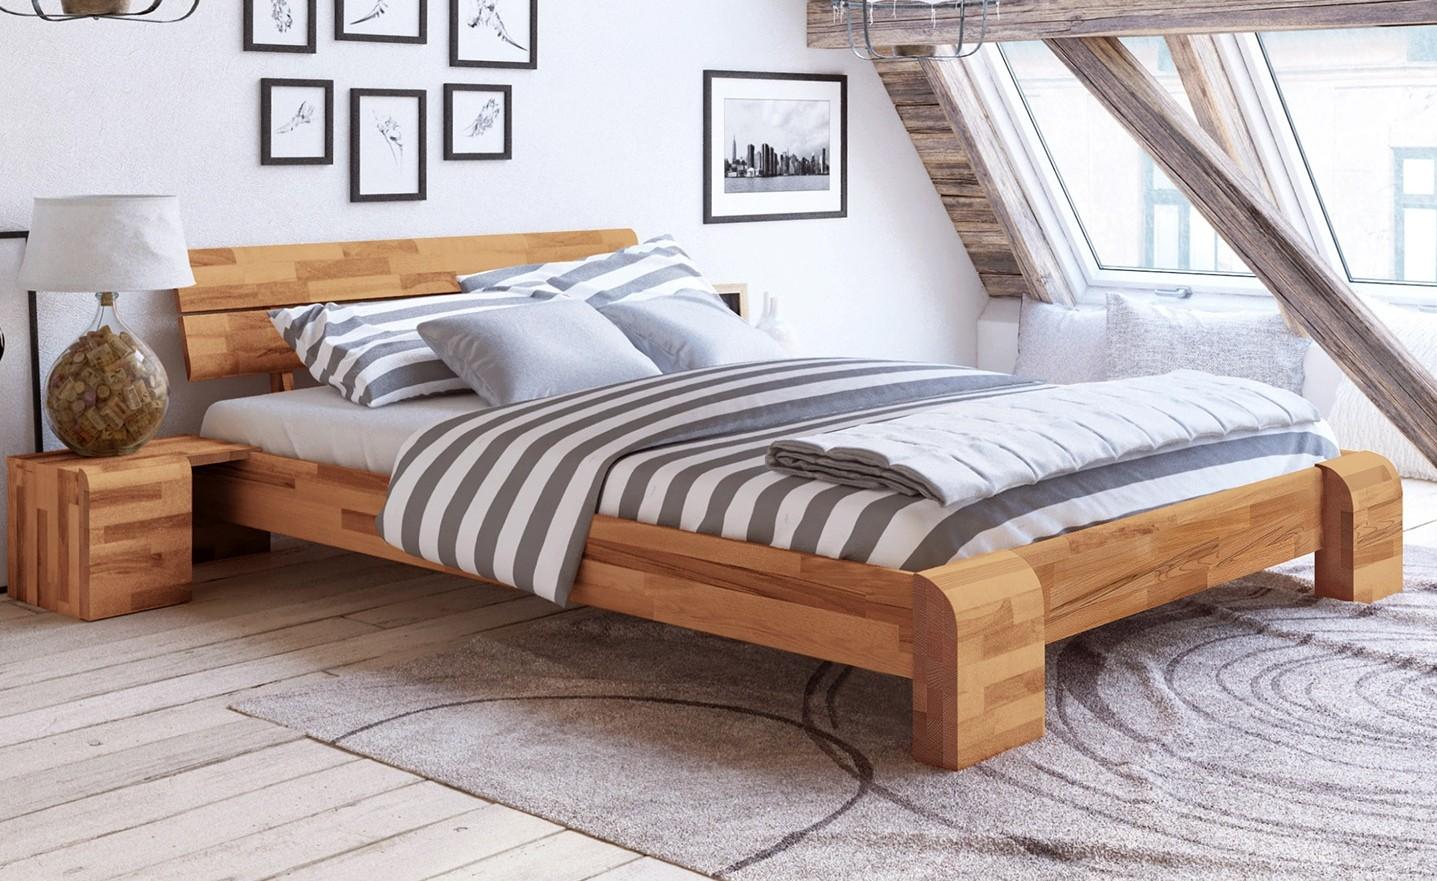 Doppelbett 180x220 ÜBERLÄNGE Kernbuche massiv Seti High | Schlafzimmer | EMPINIO24